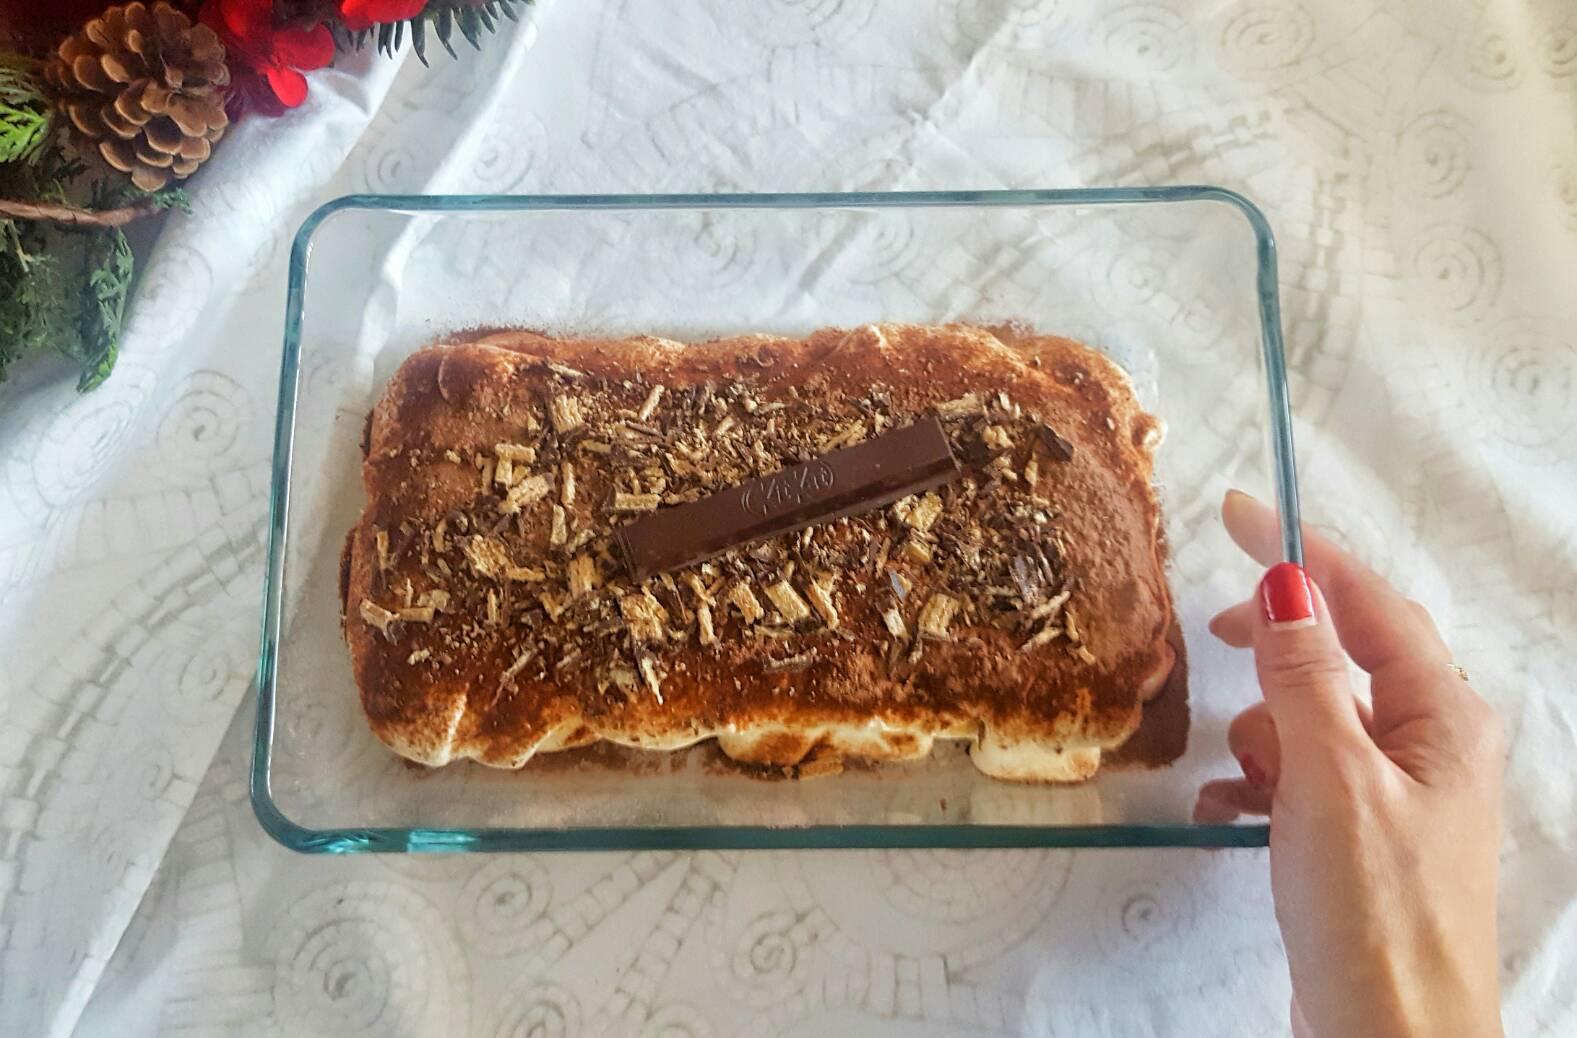 バレンタインに作りたい♪ イタリア家庭風ティラミスレシピ